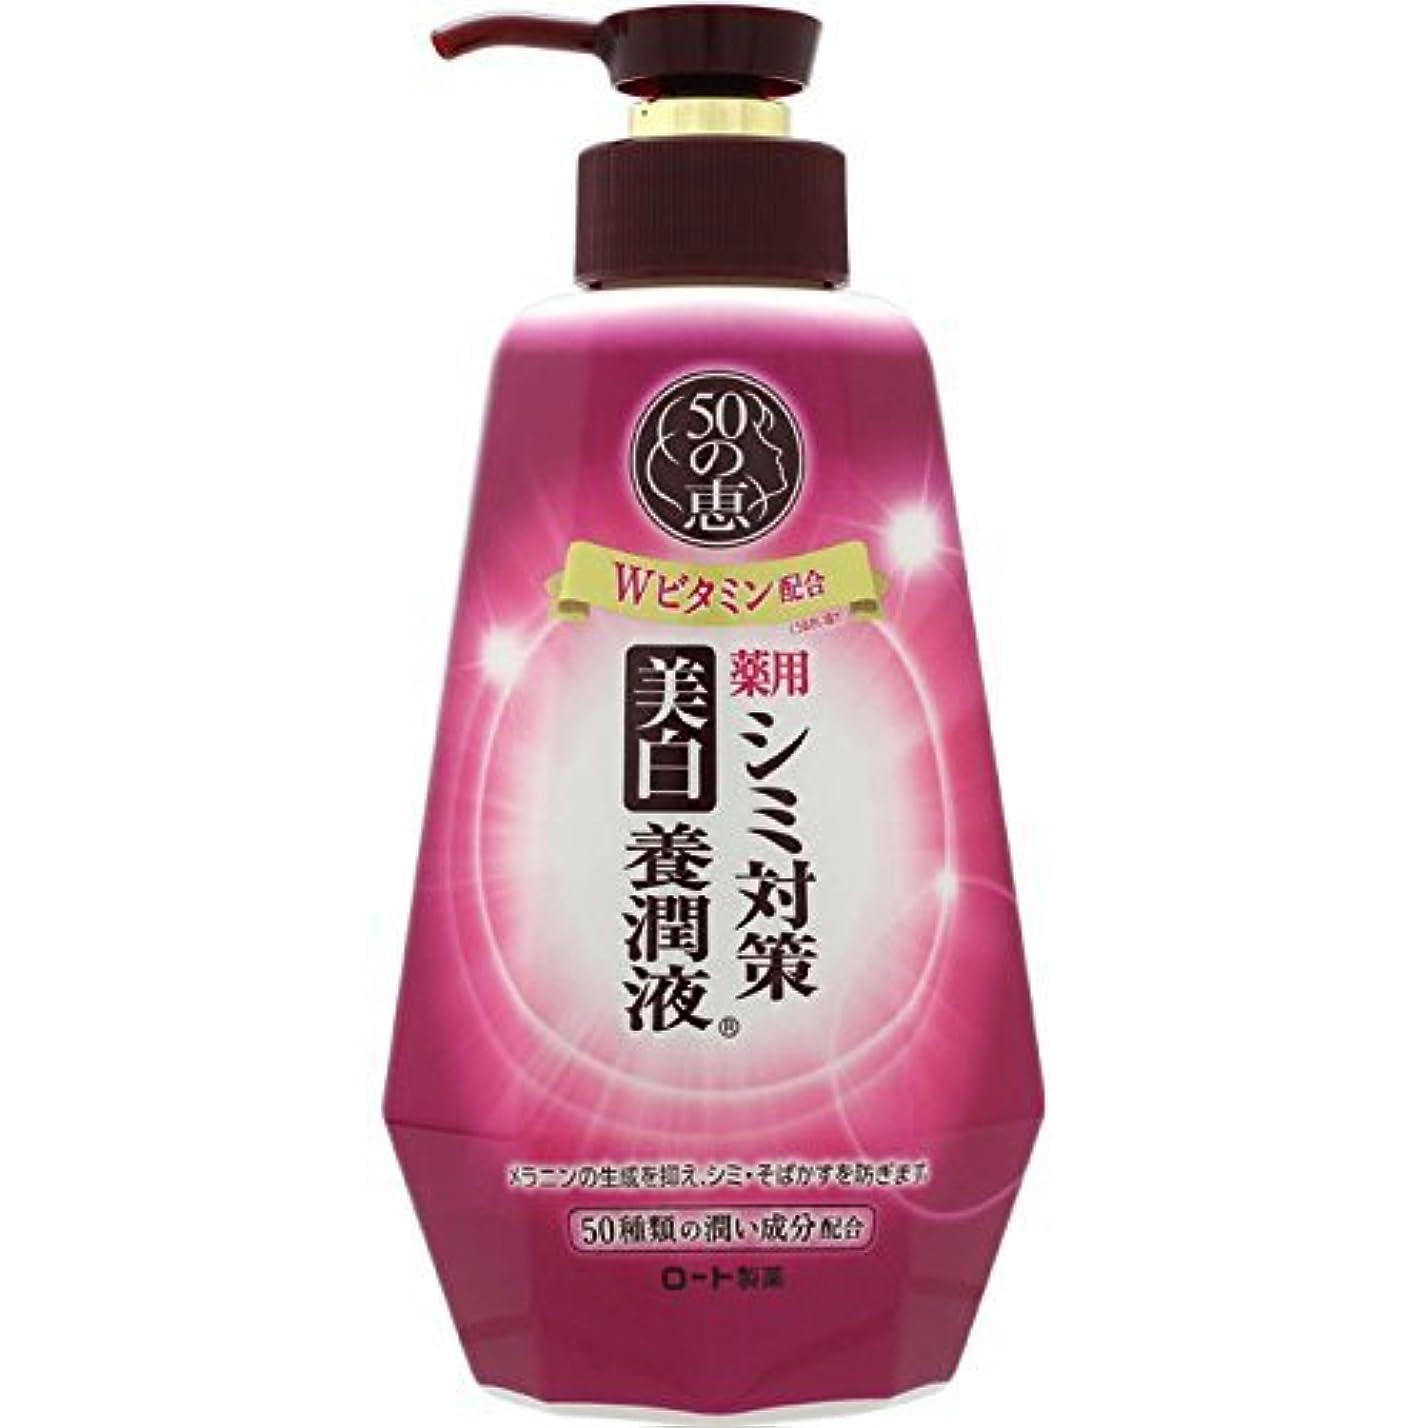 紫のタイトルクライアント50の恵 シミ対策 美白養潤液 230mL (医薬部外品) ×4